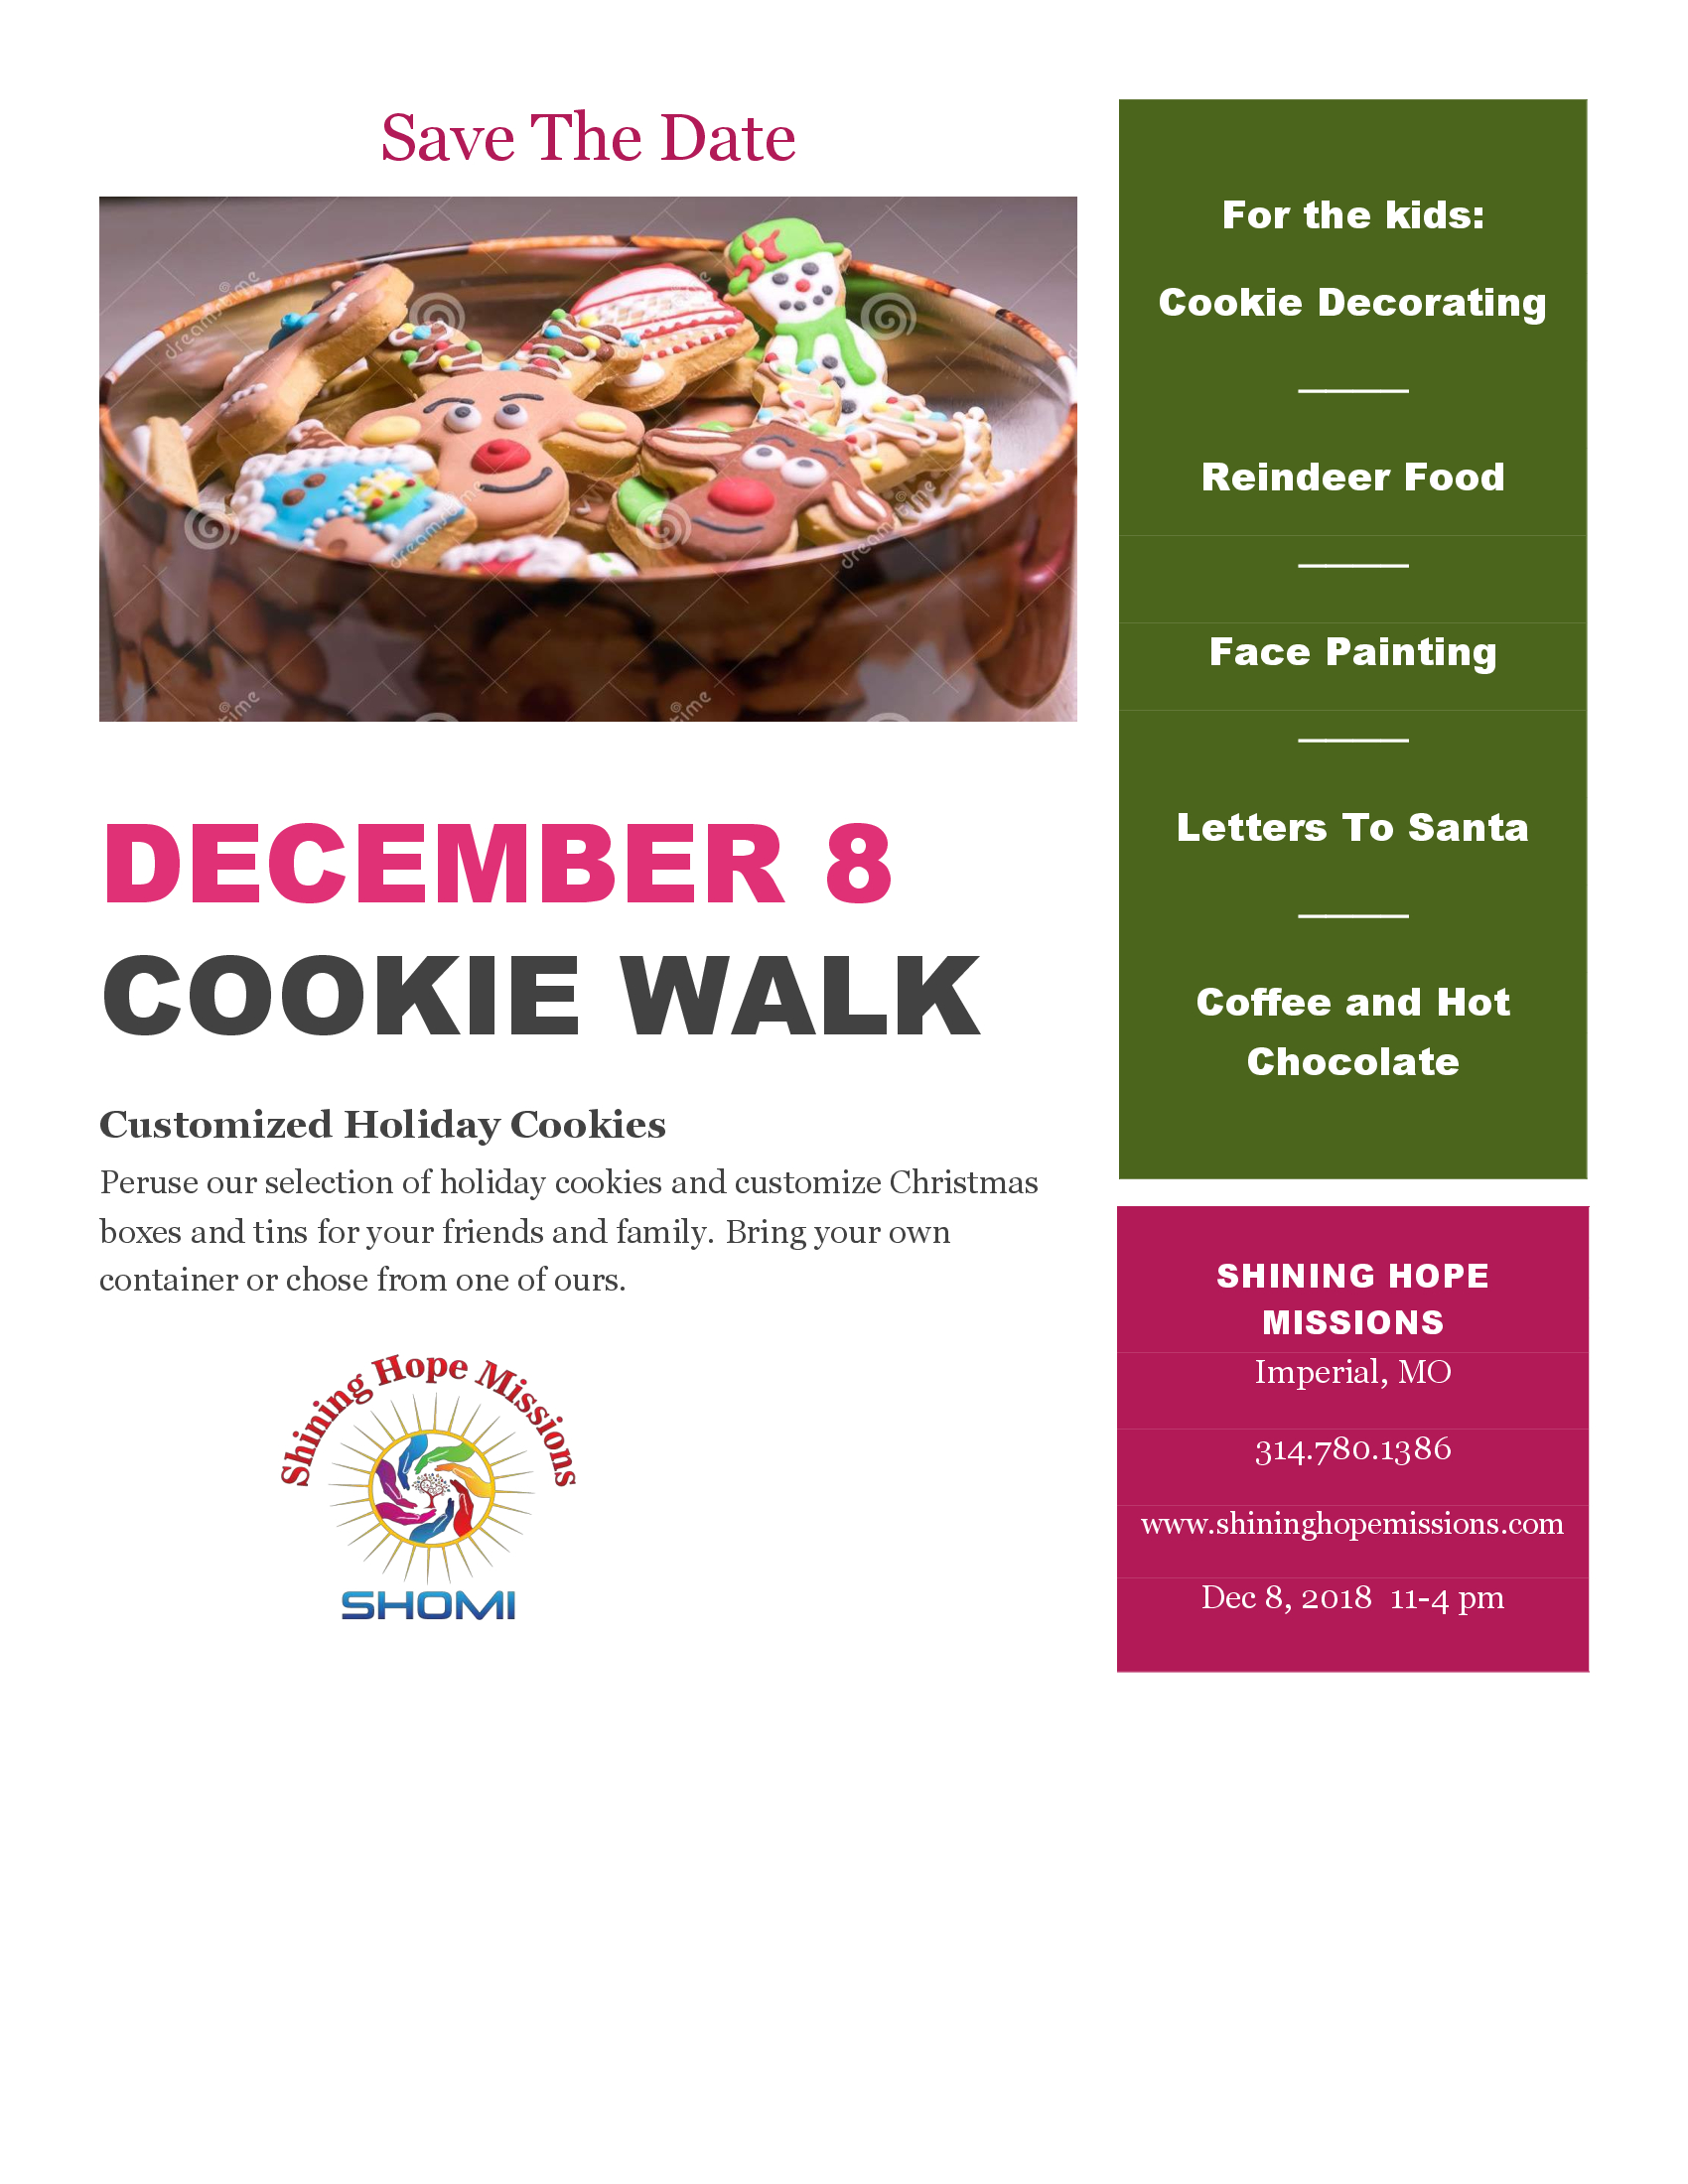 SHOMI-_-December-8-Cookie-Walk.jpg